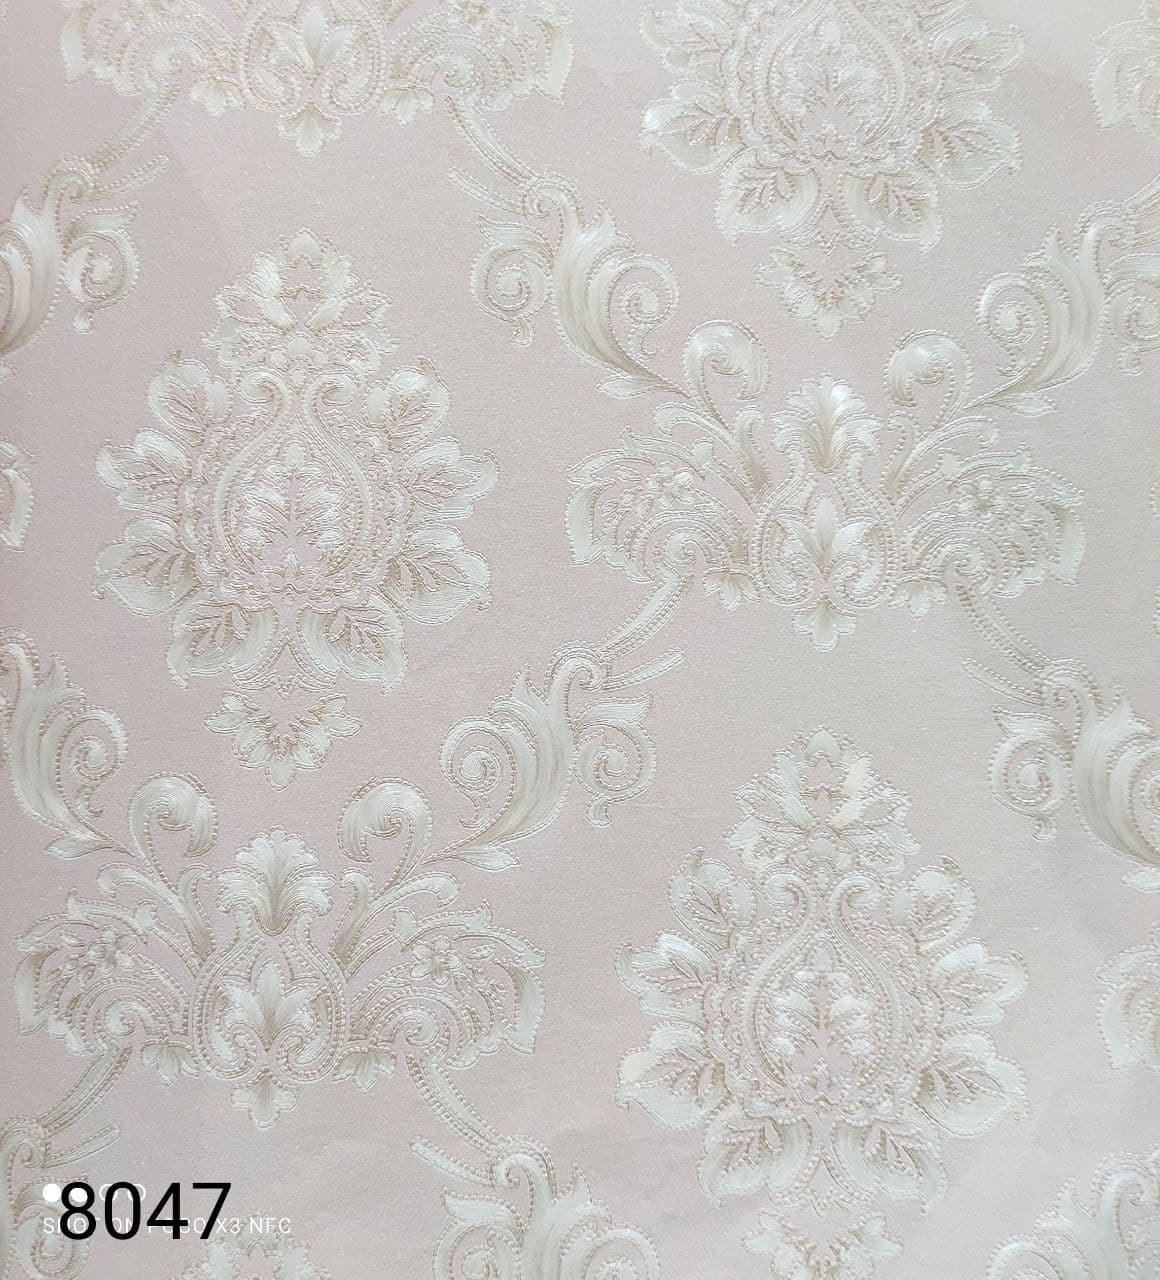 تصویر کاغذ دیواری خارجی کد 8047